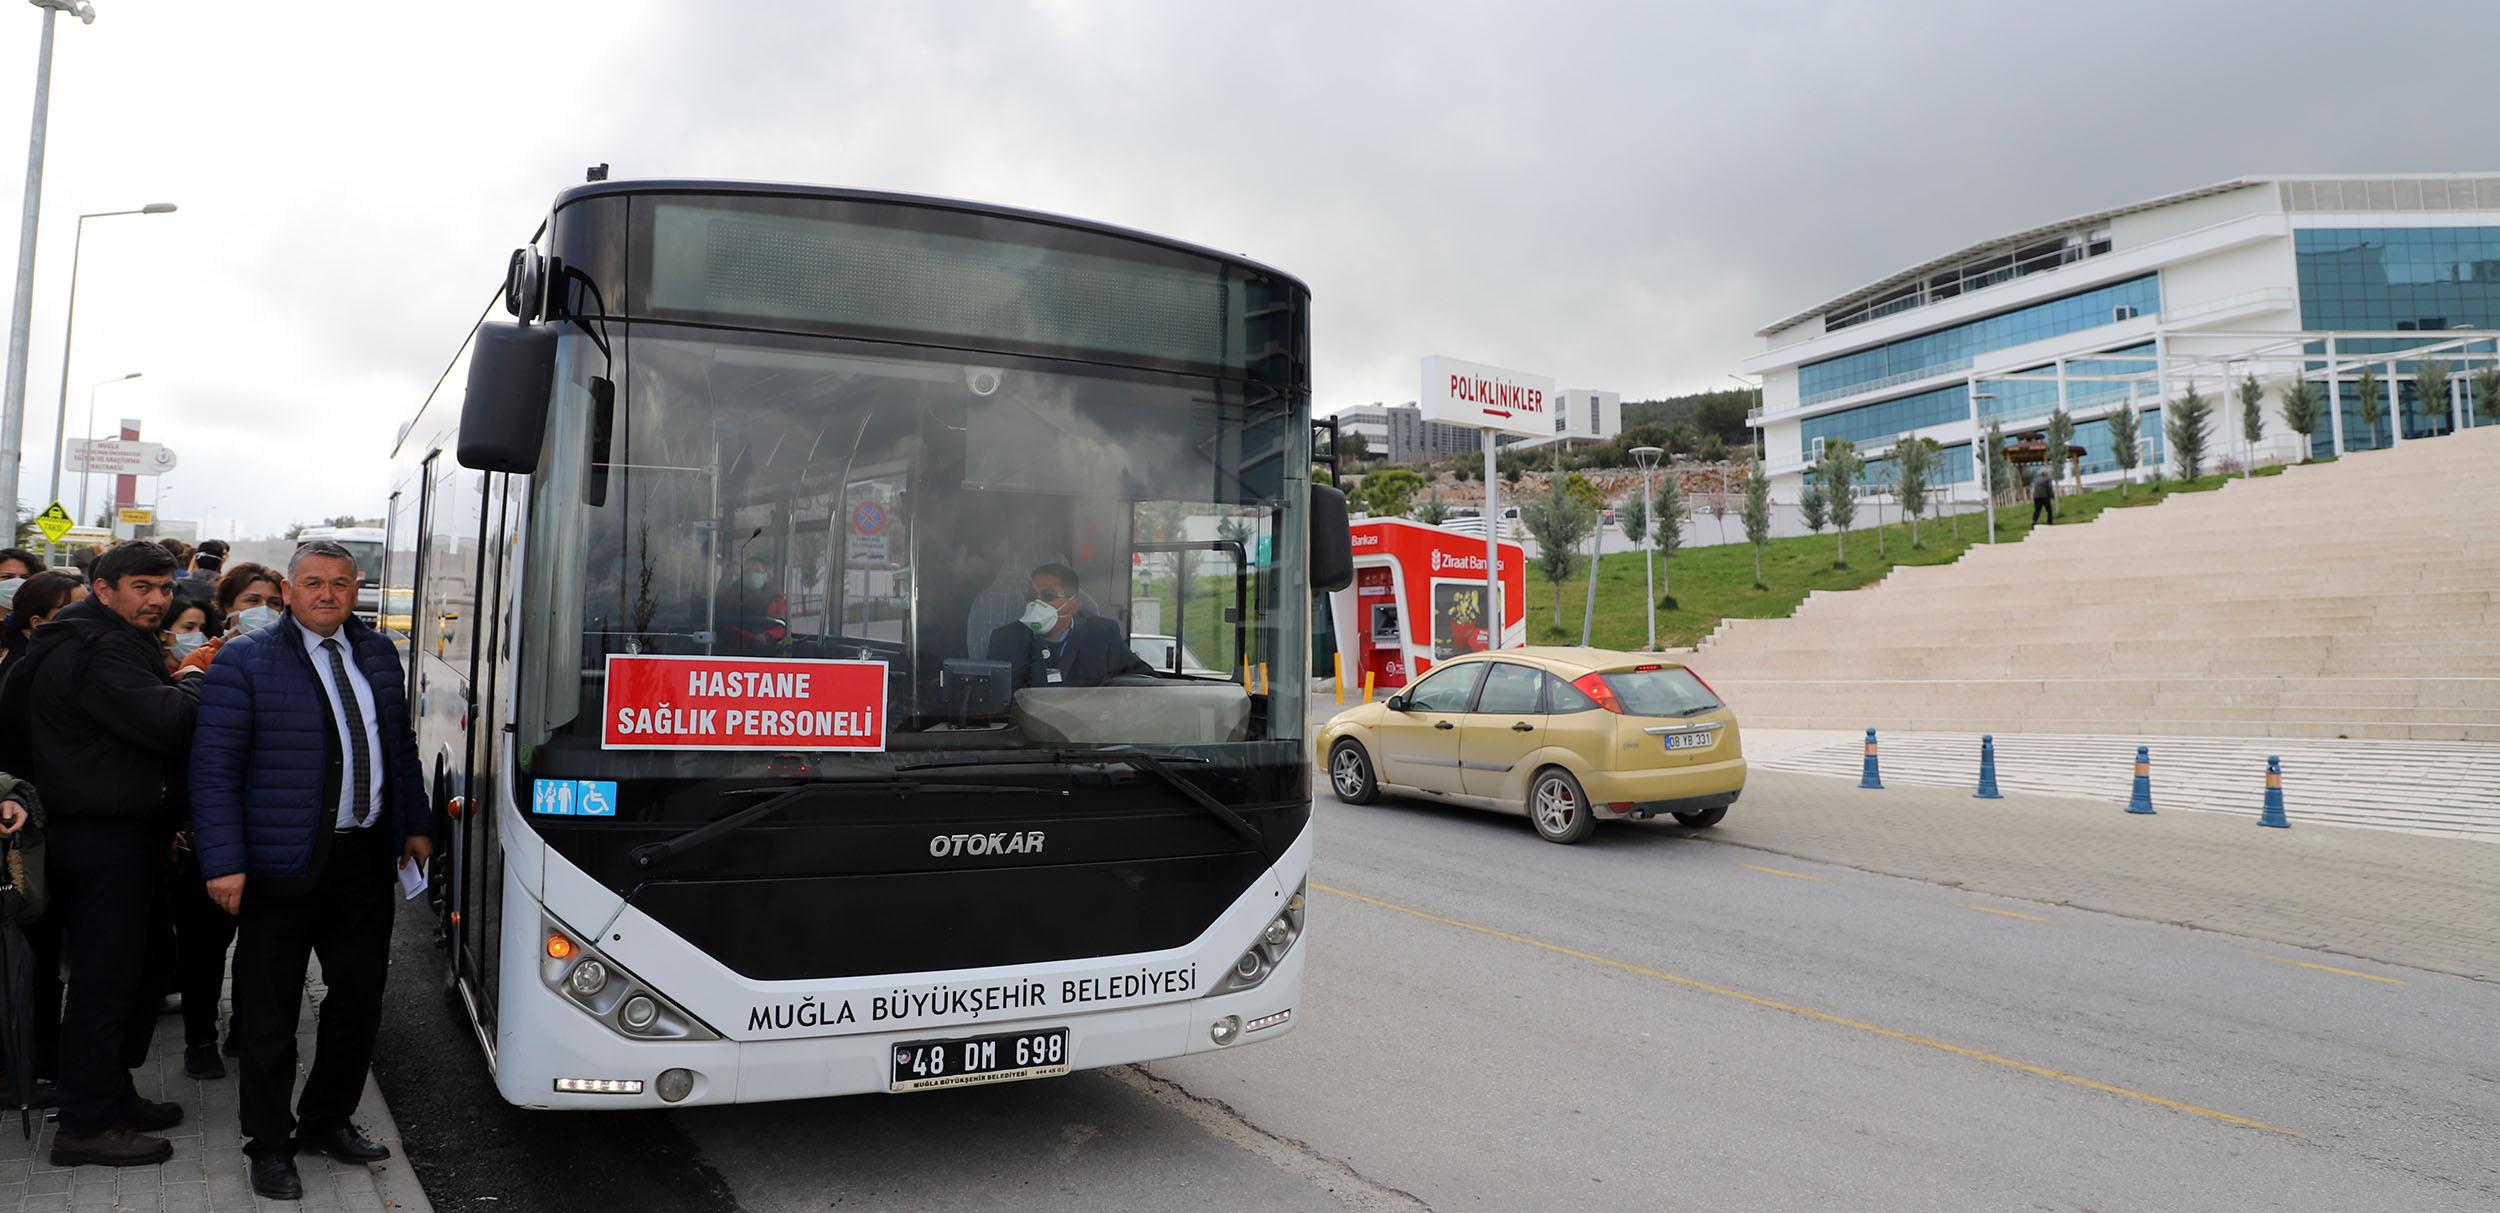 Sağlık çalışanlarına ücretsiz ulaşım uzatıldı